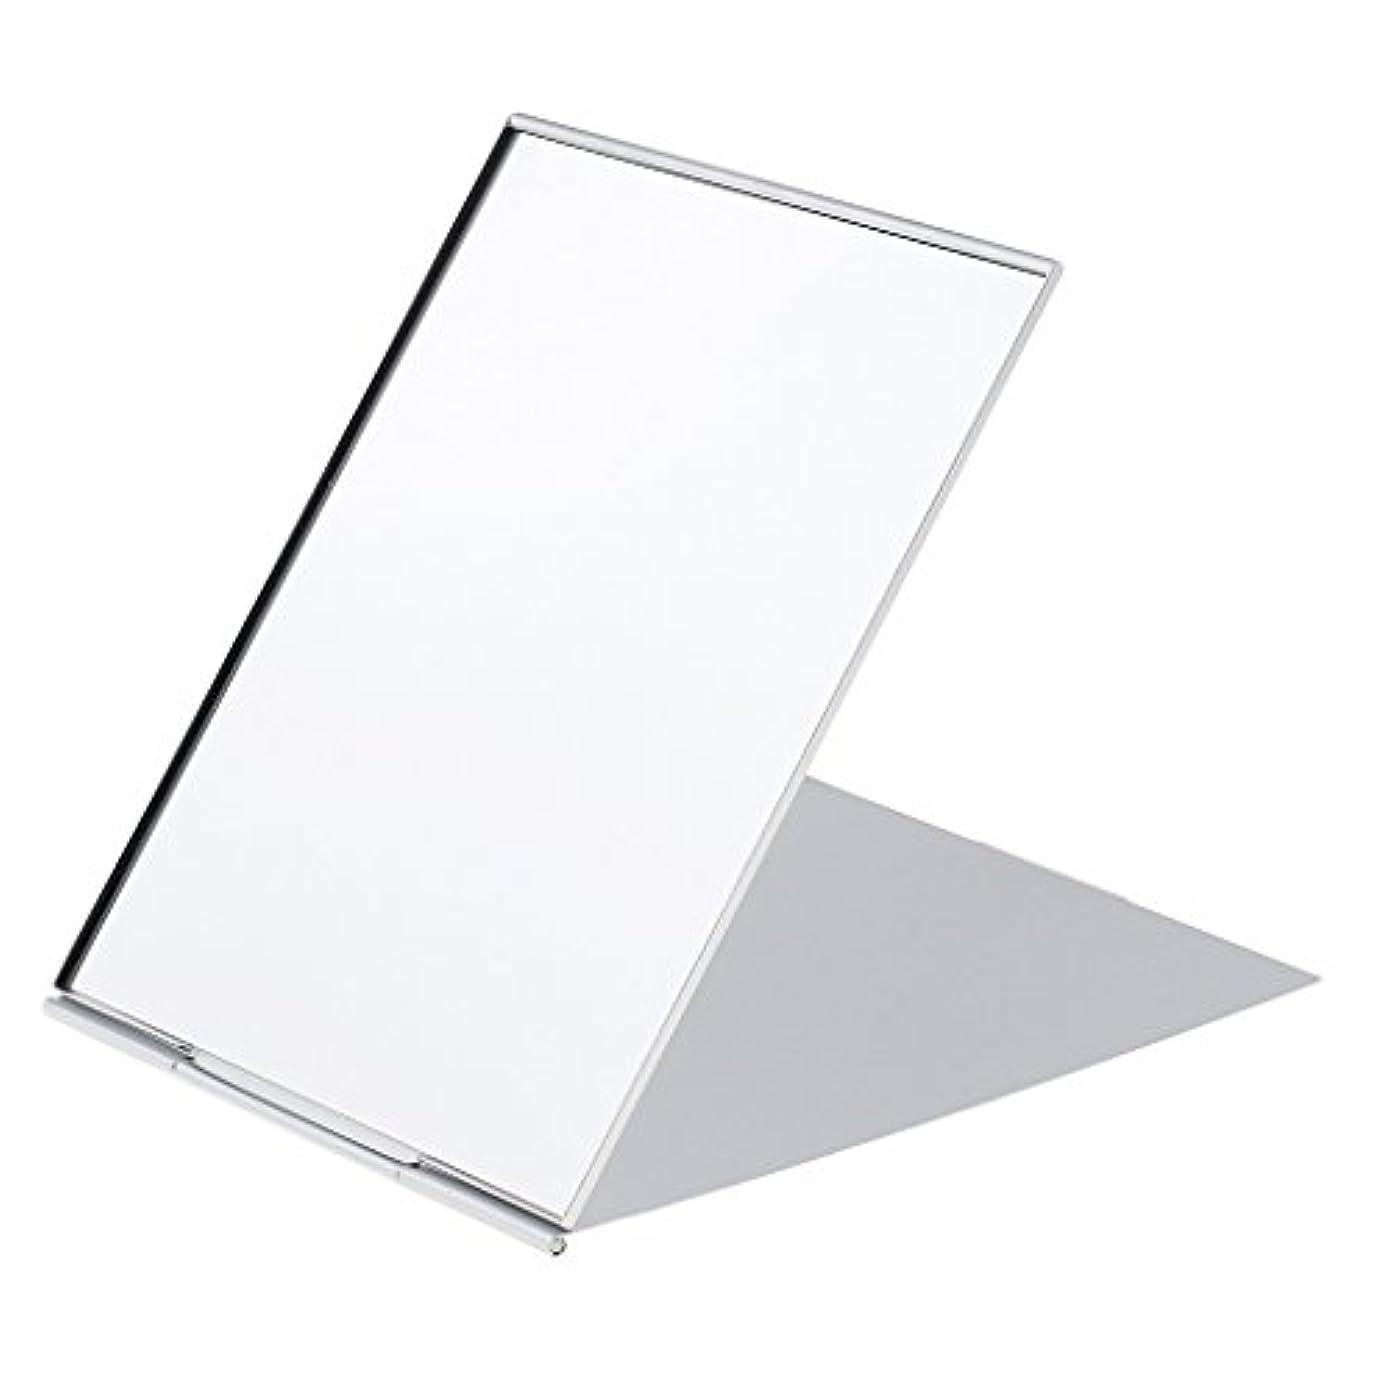 版争う品メイクアップミラー 鏡 化粧鏡 ミニ ポータブル 折り畳み式 超軽量 シンプル ファッション デザイン シルバー 3サイズ選べる - #1